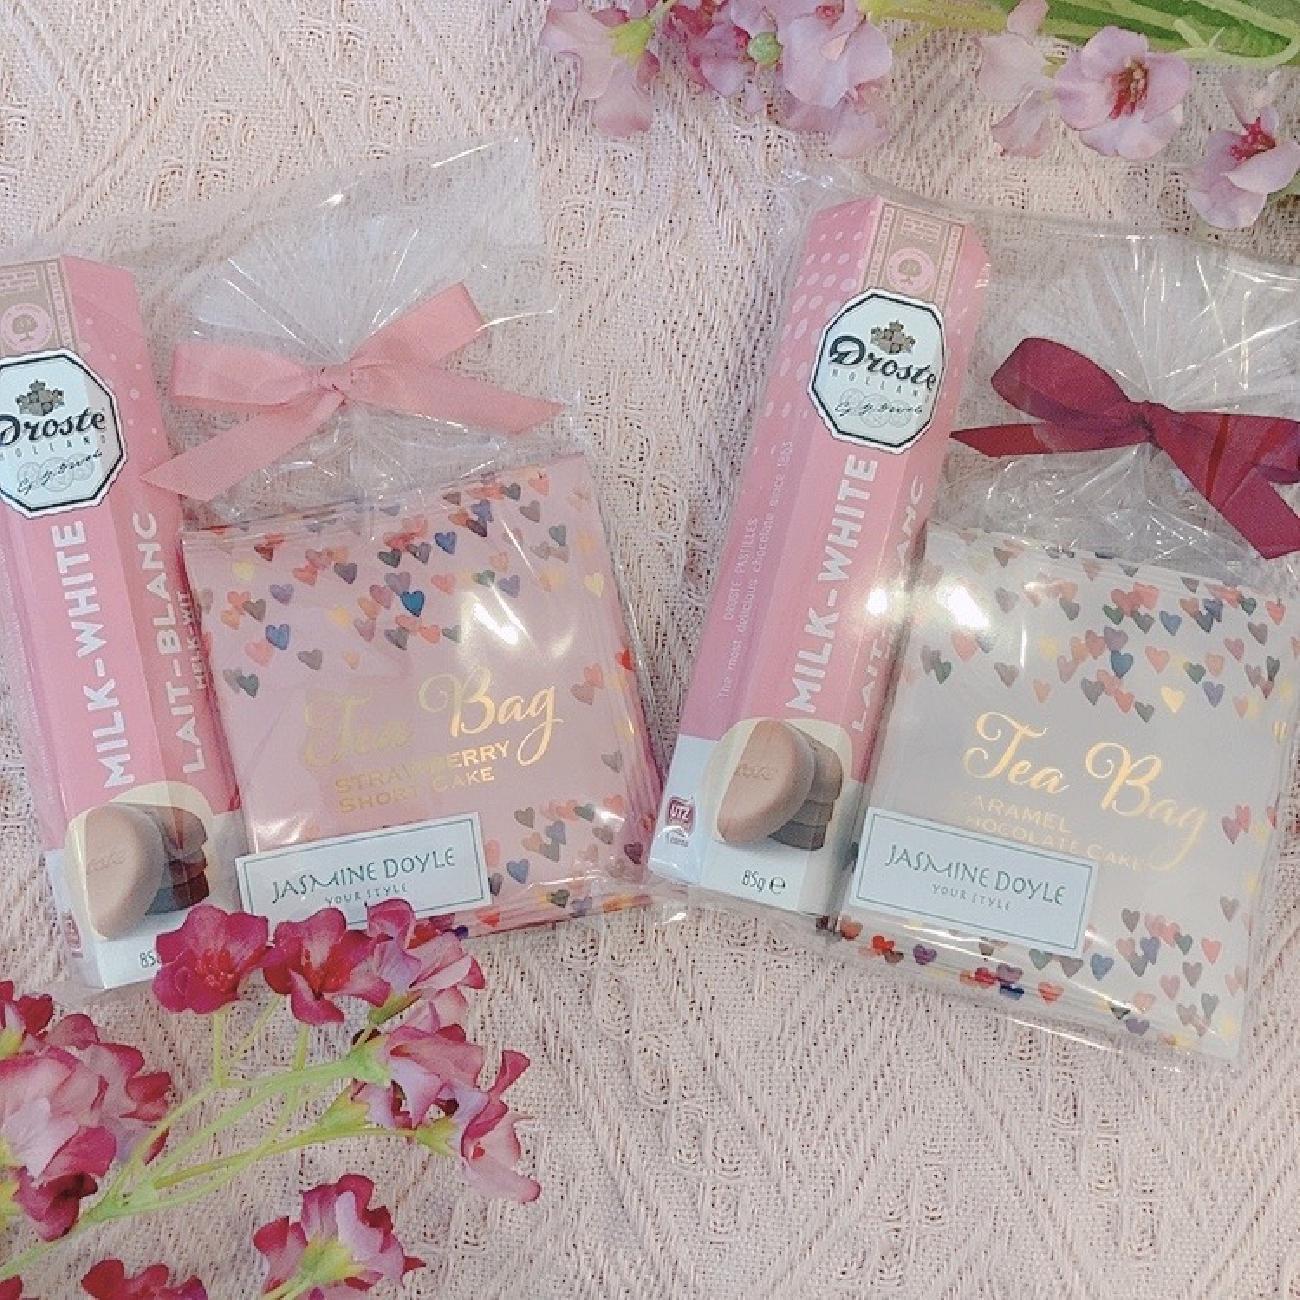 バレンタイン/チョコレート/クッキー/紅茶/ハンカチ/嬉しい/花/可愛い/おいしい/ギフト/プレゼント/贈り物/感謝